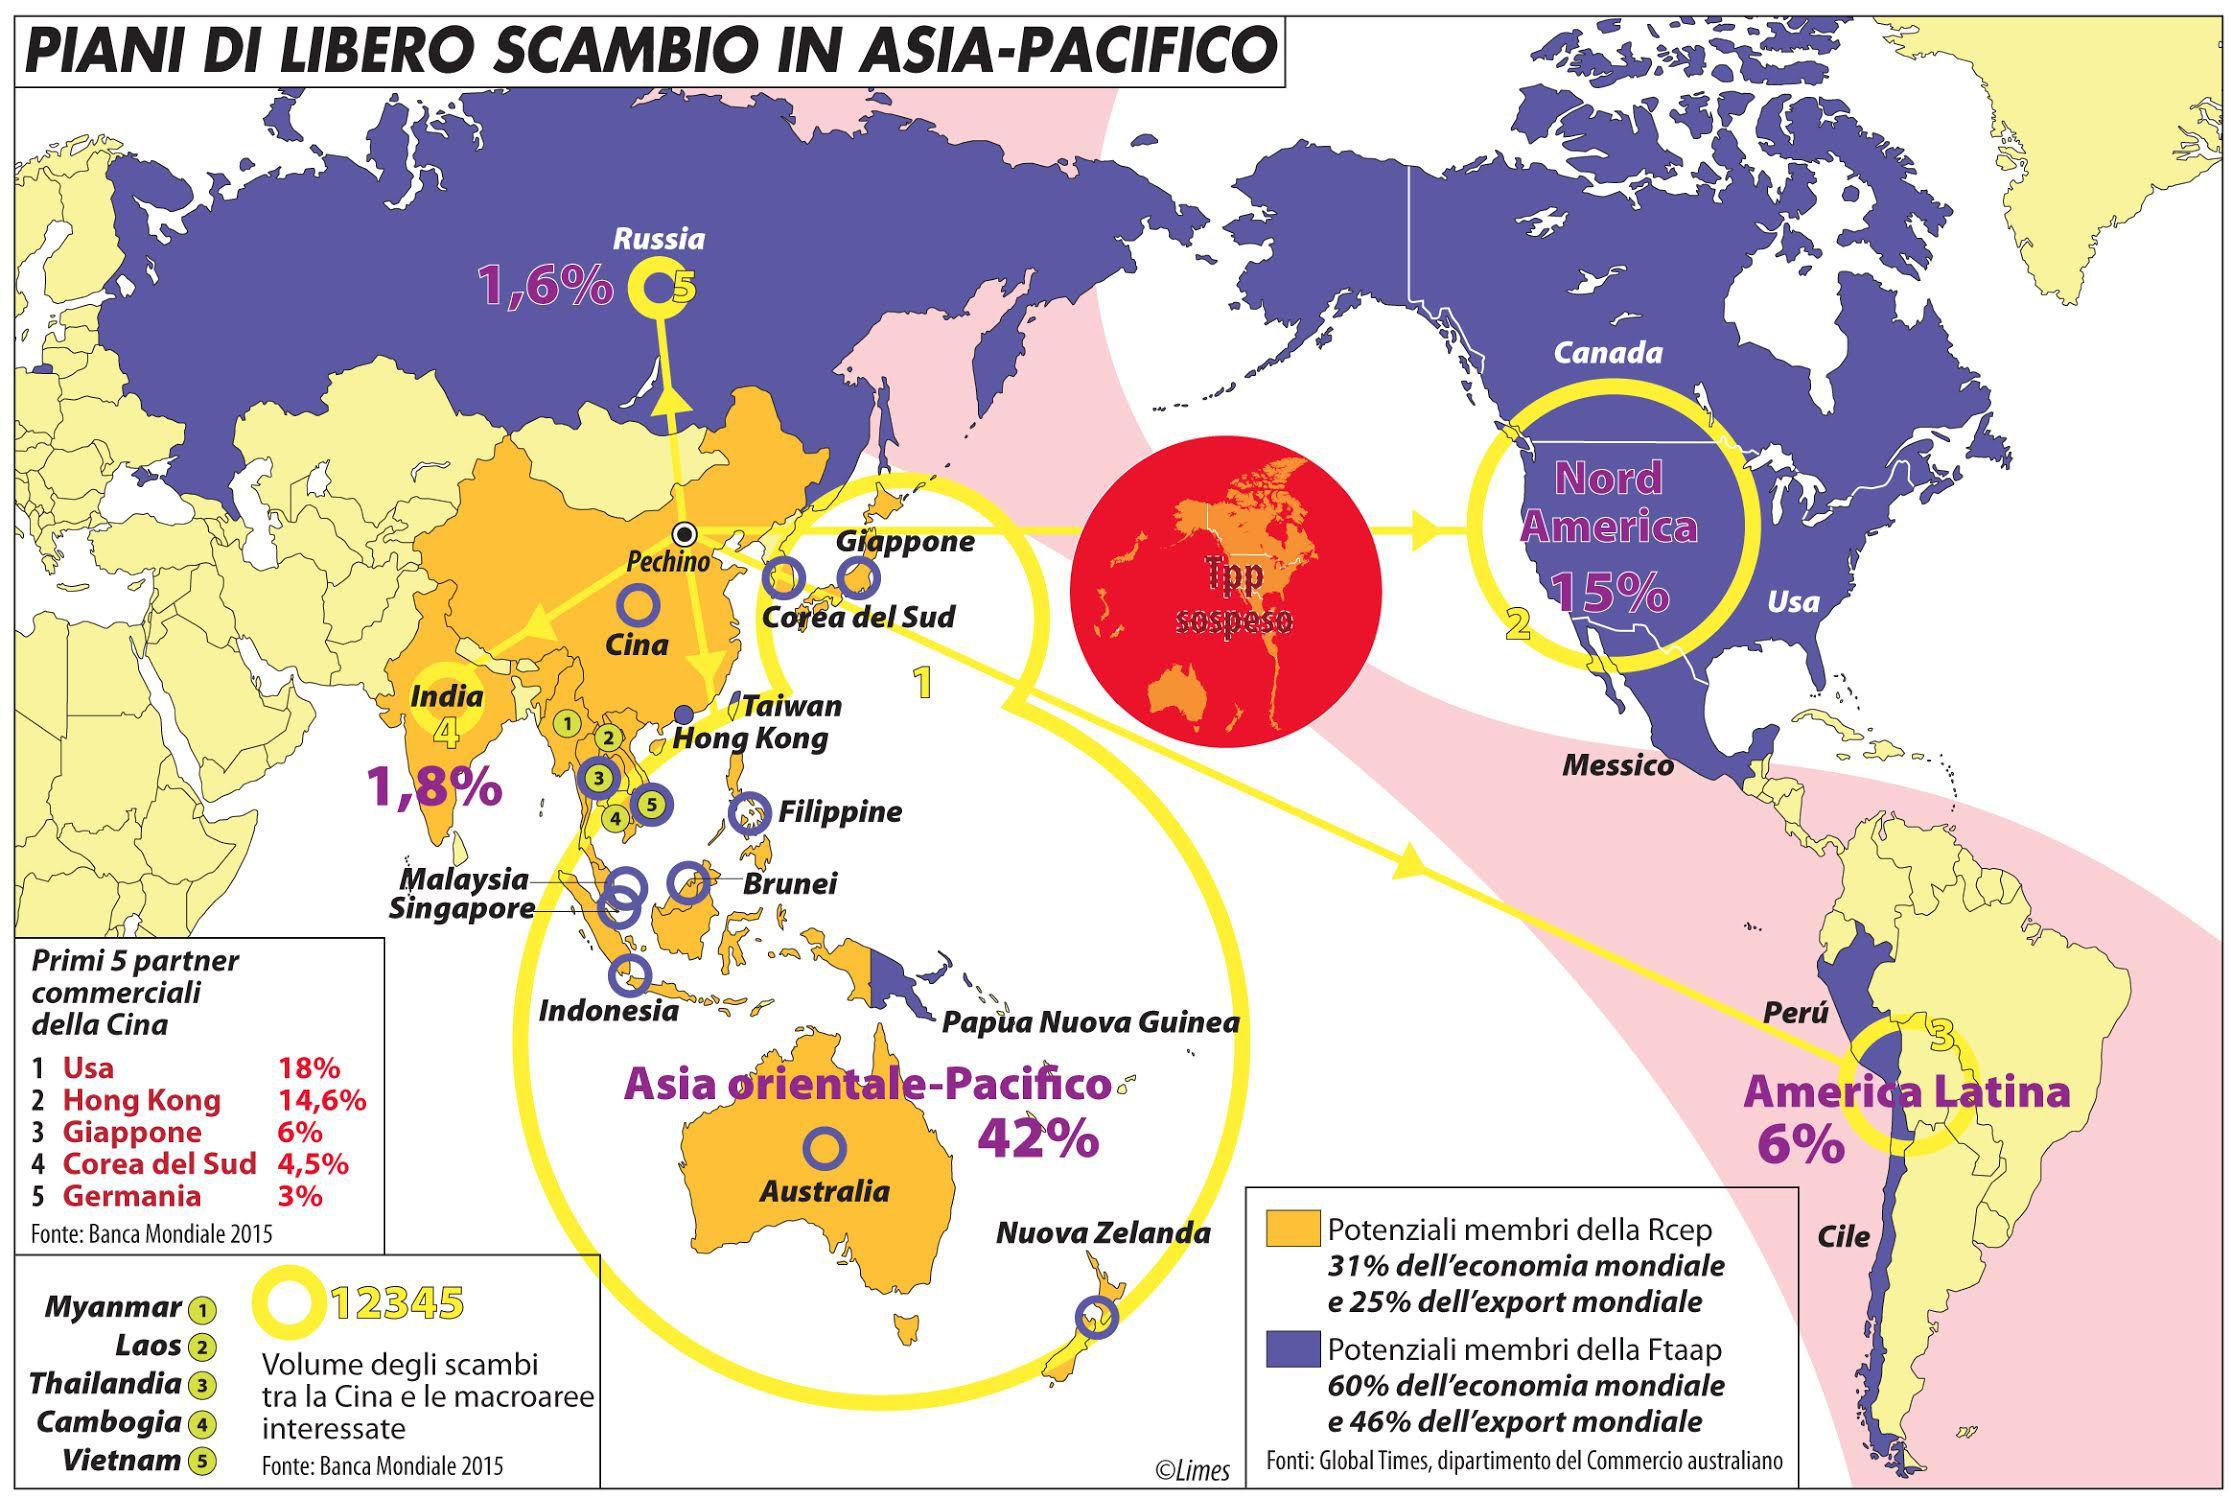 piani_libero_scambio_asia_pacifico